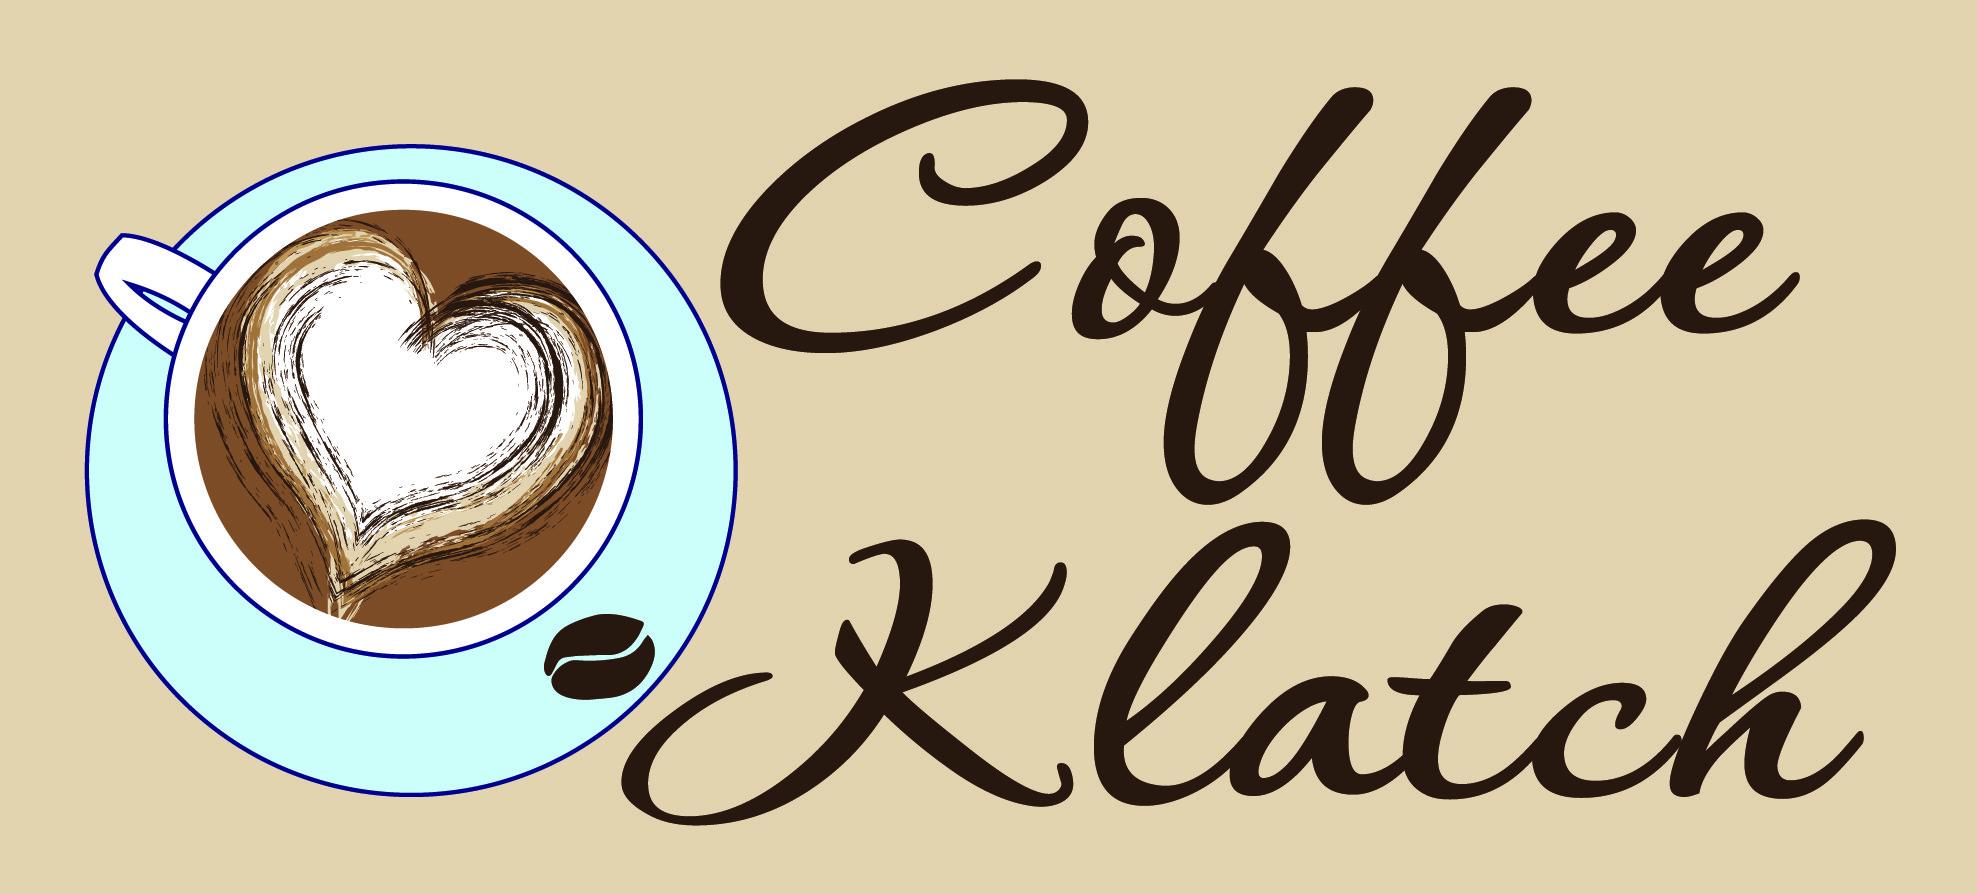 Koffee Klatch Oct 20 2017 Irene B West Elementary School